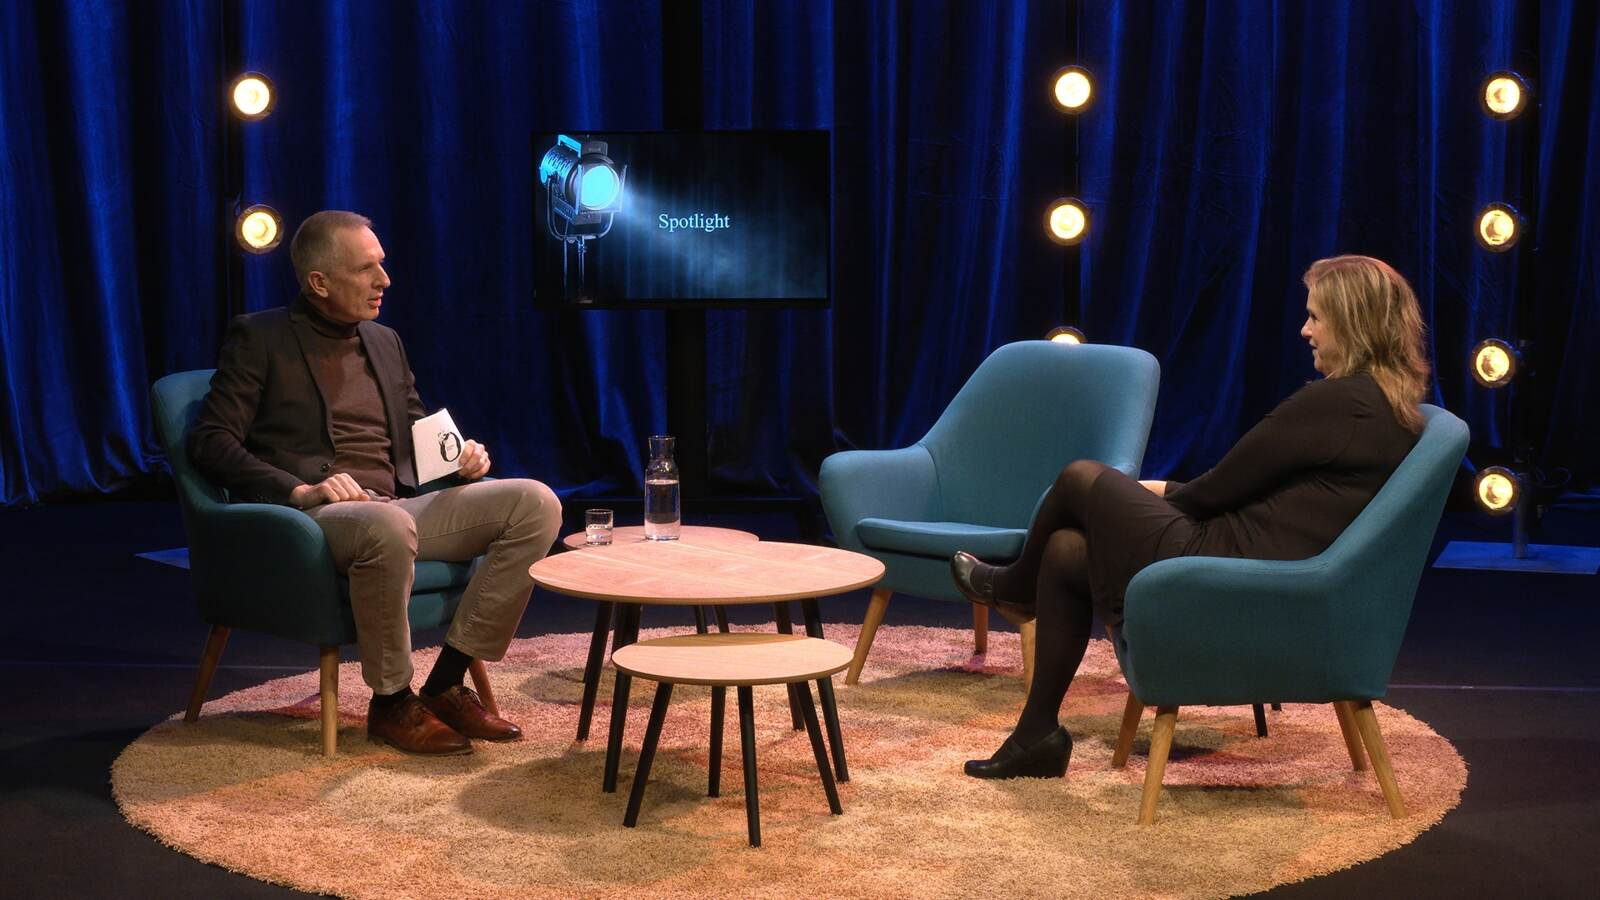 Åke och Carolina pratar